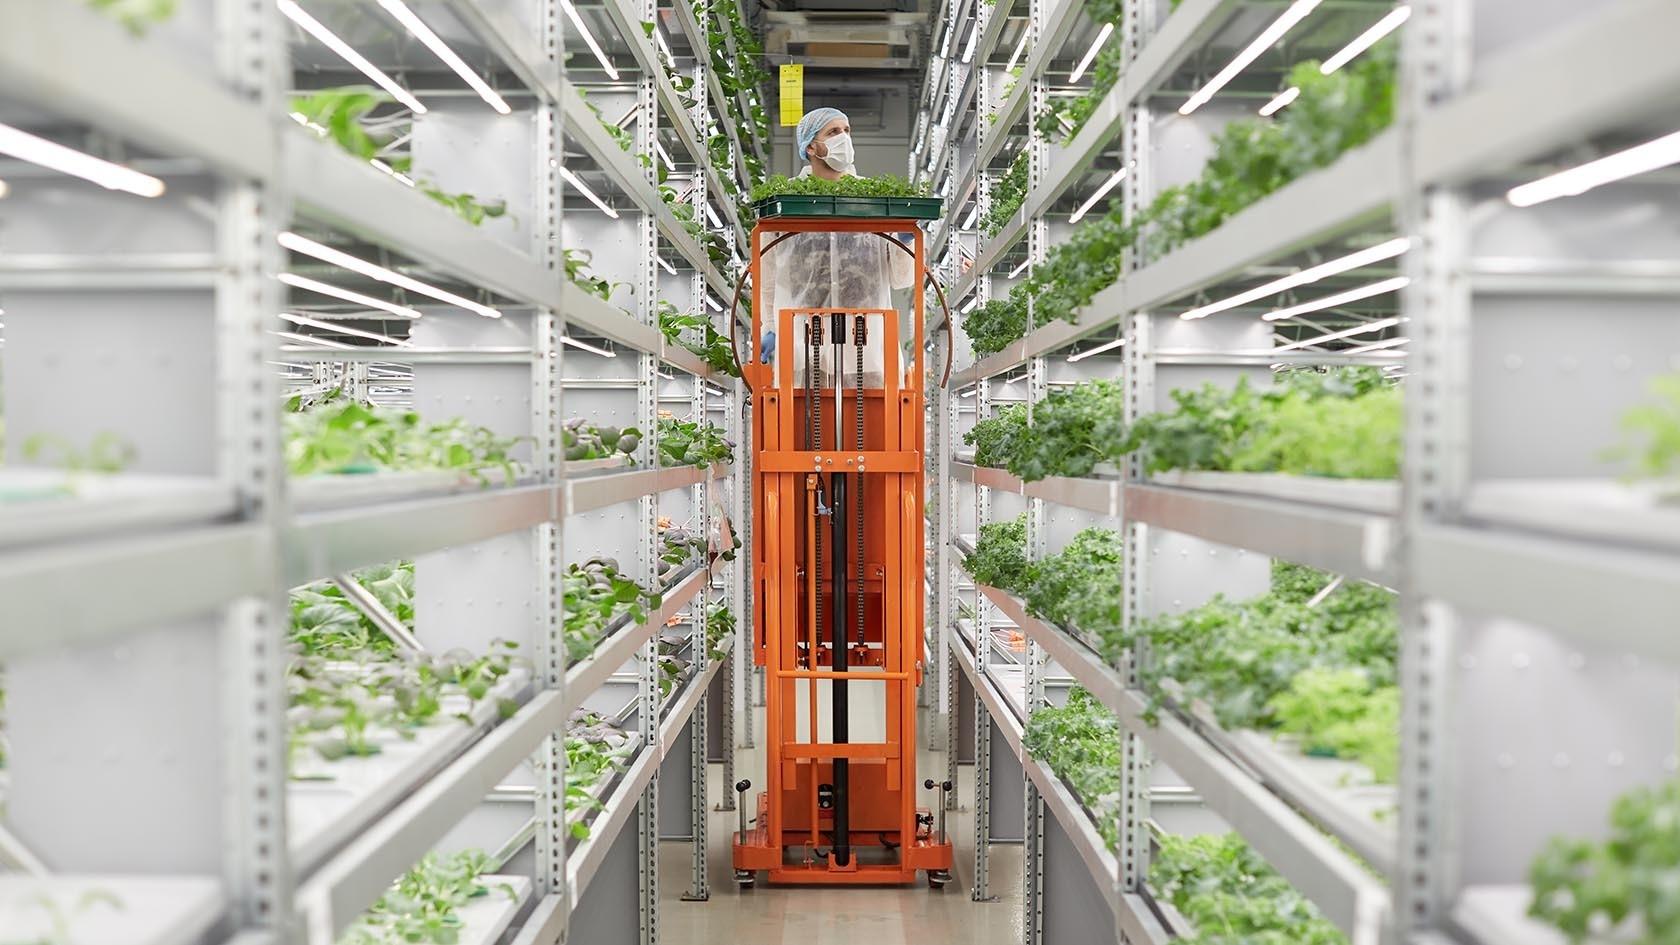 Большие автоматизированные инвестиции в вертикальные фермы